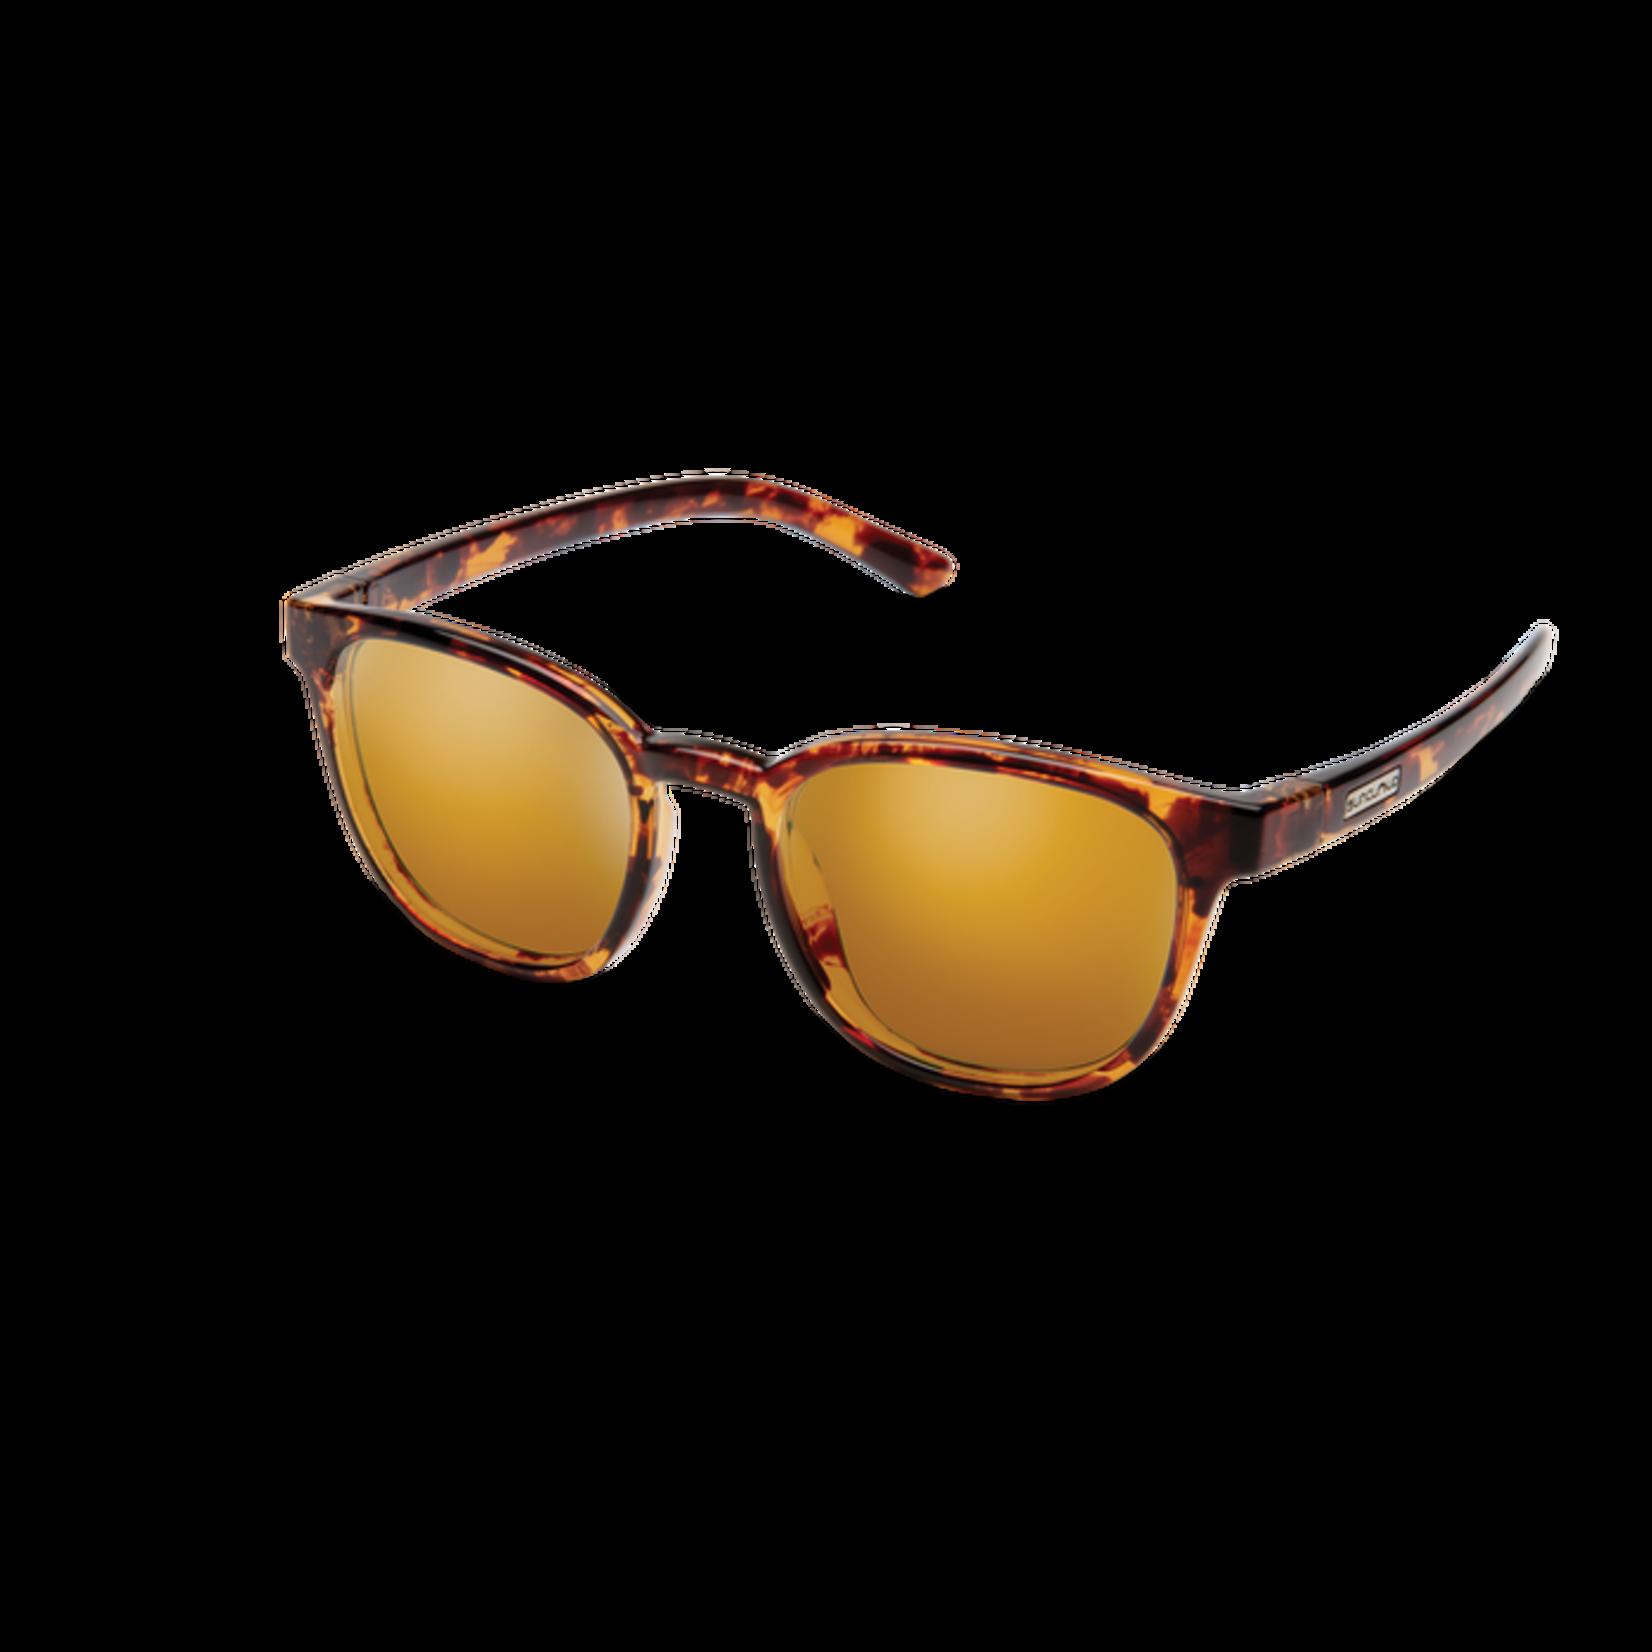 Suncloud Optics Suncloud Montecito Polarized Sunglasses